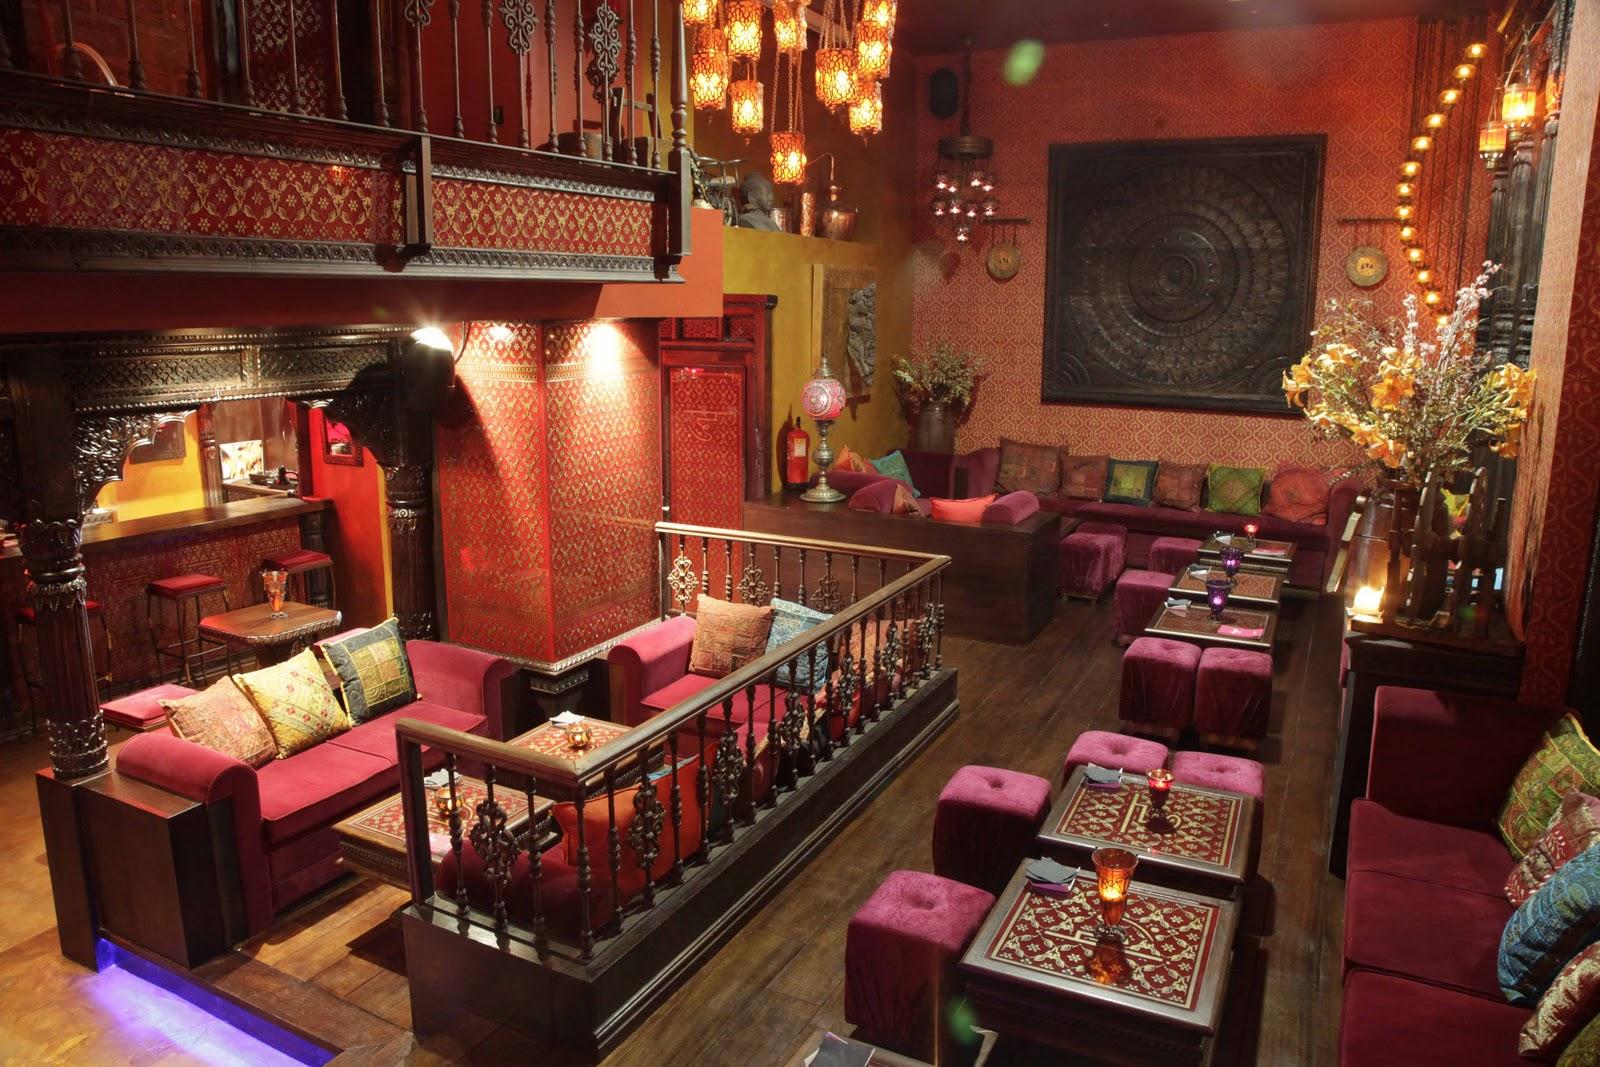 Tiendas De Decoracion En Sevilla ~ Tiendas de decoraci?n de interiores de diversas culturas  Bancos